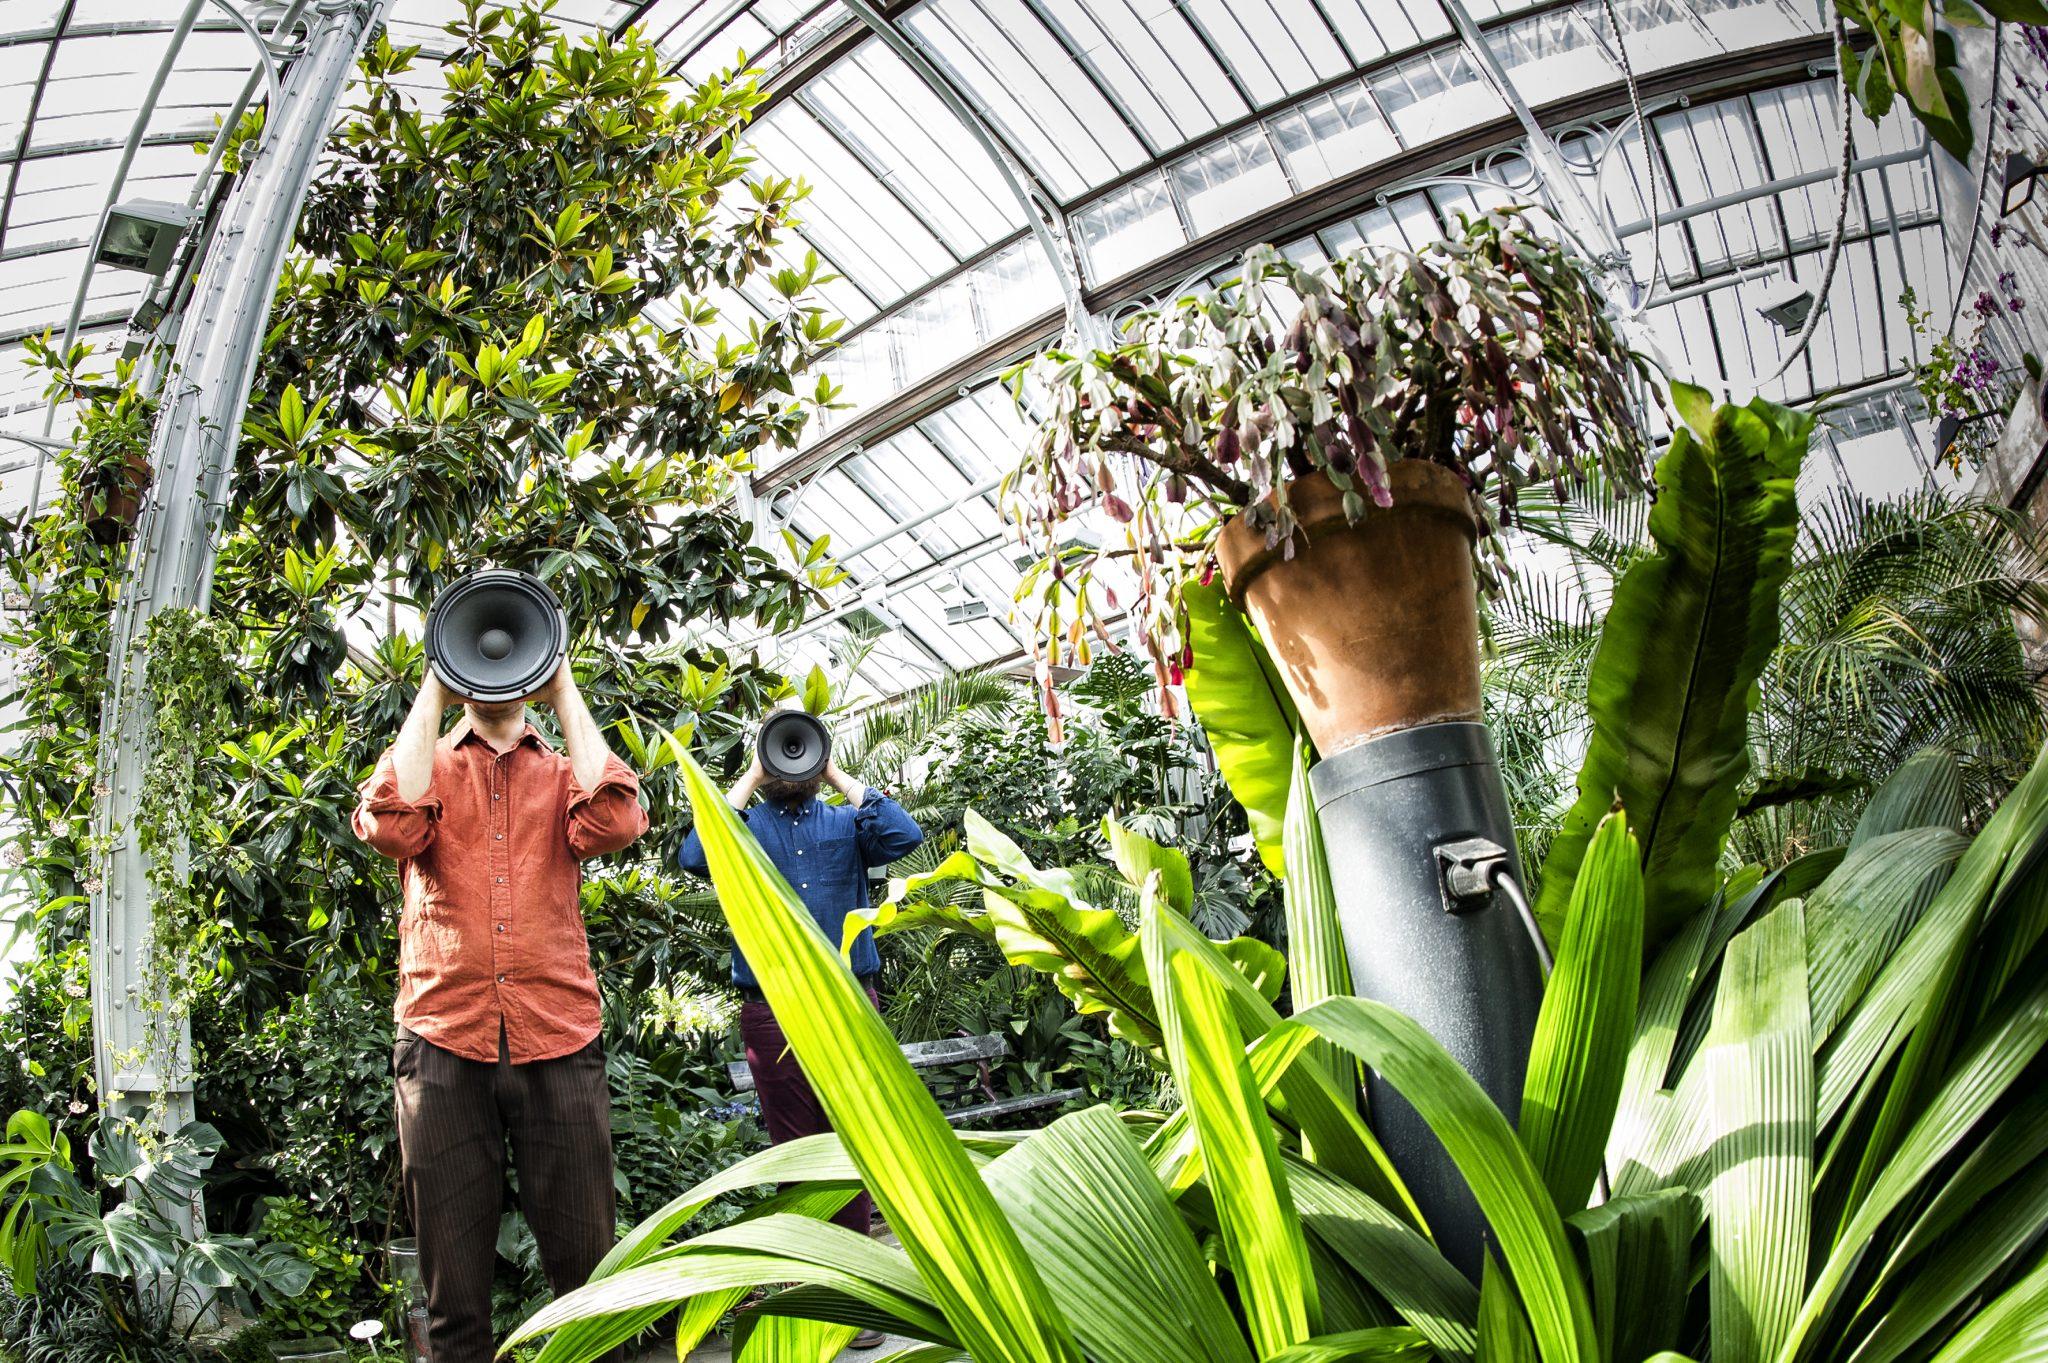 IN-SITU: Sonic Greenhouse /Äänipuutarha by Otso Lähdeoja and Josué Moreno. Photo: Uupi Tirronen